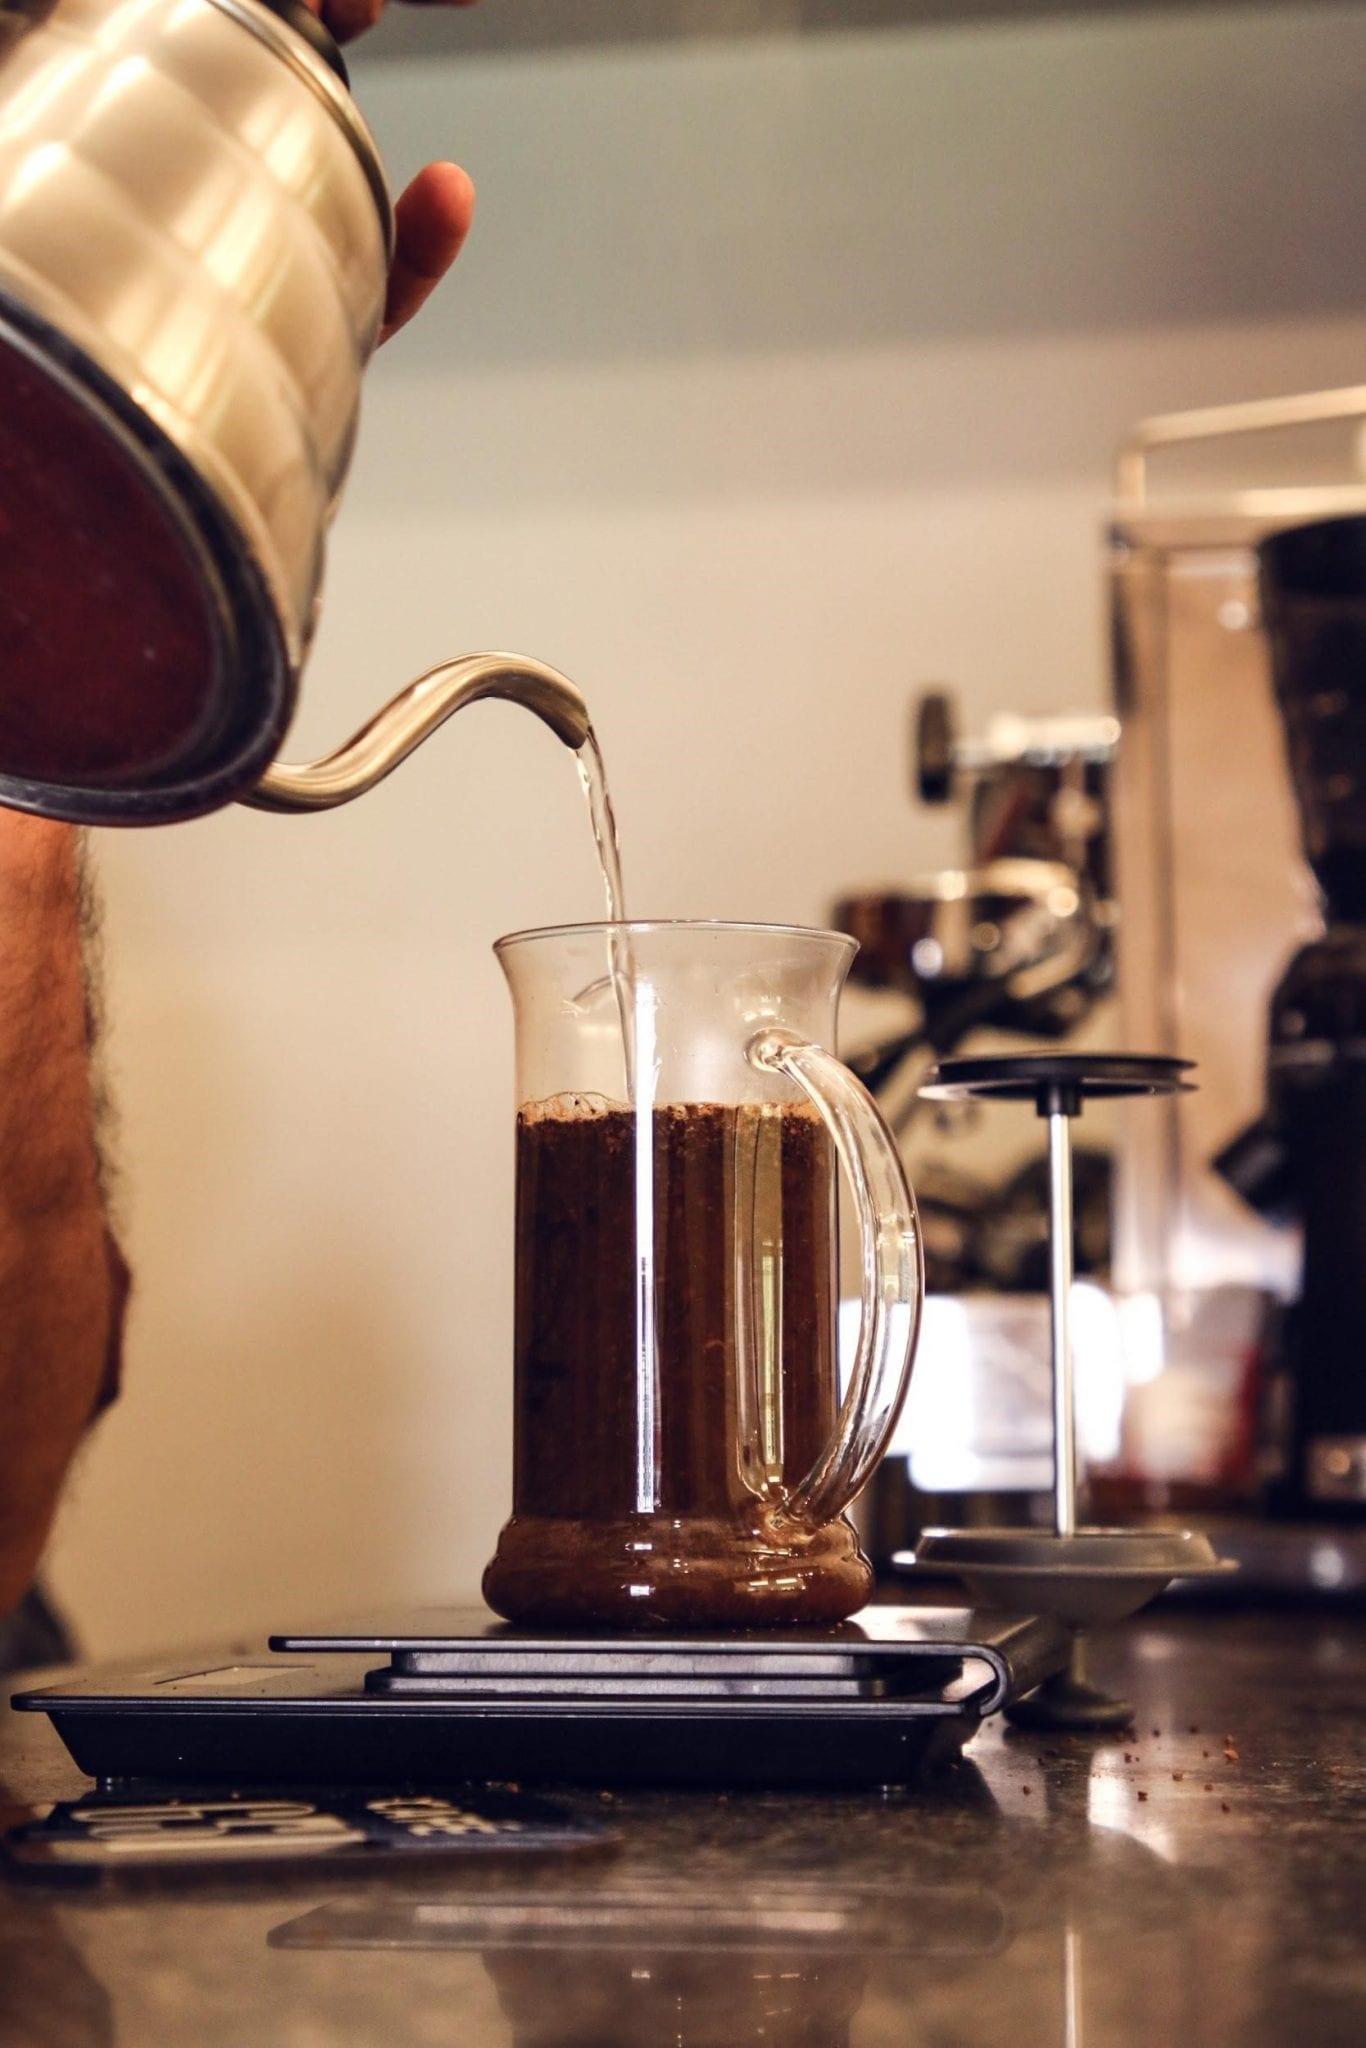 barista preparando café en una prensa francesa